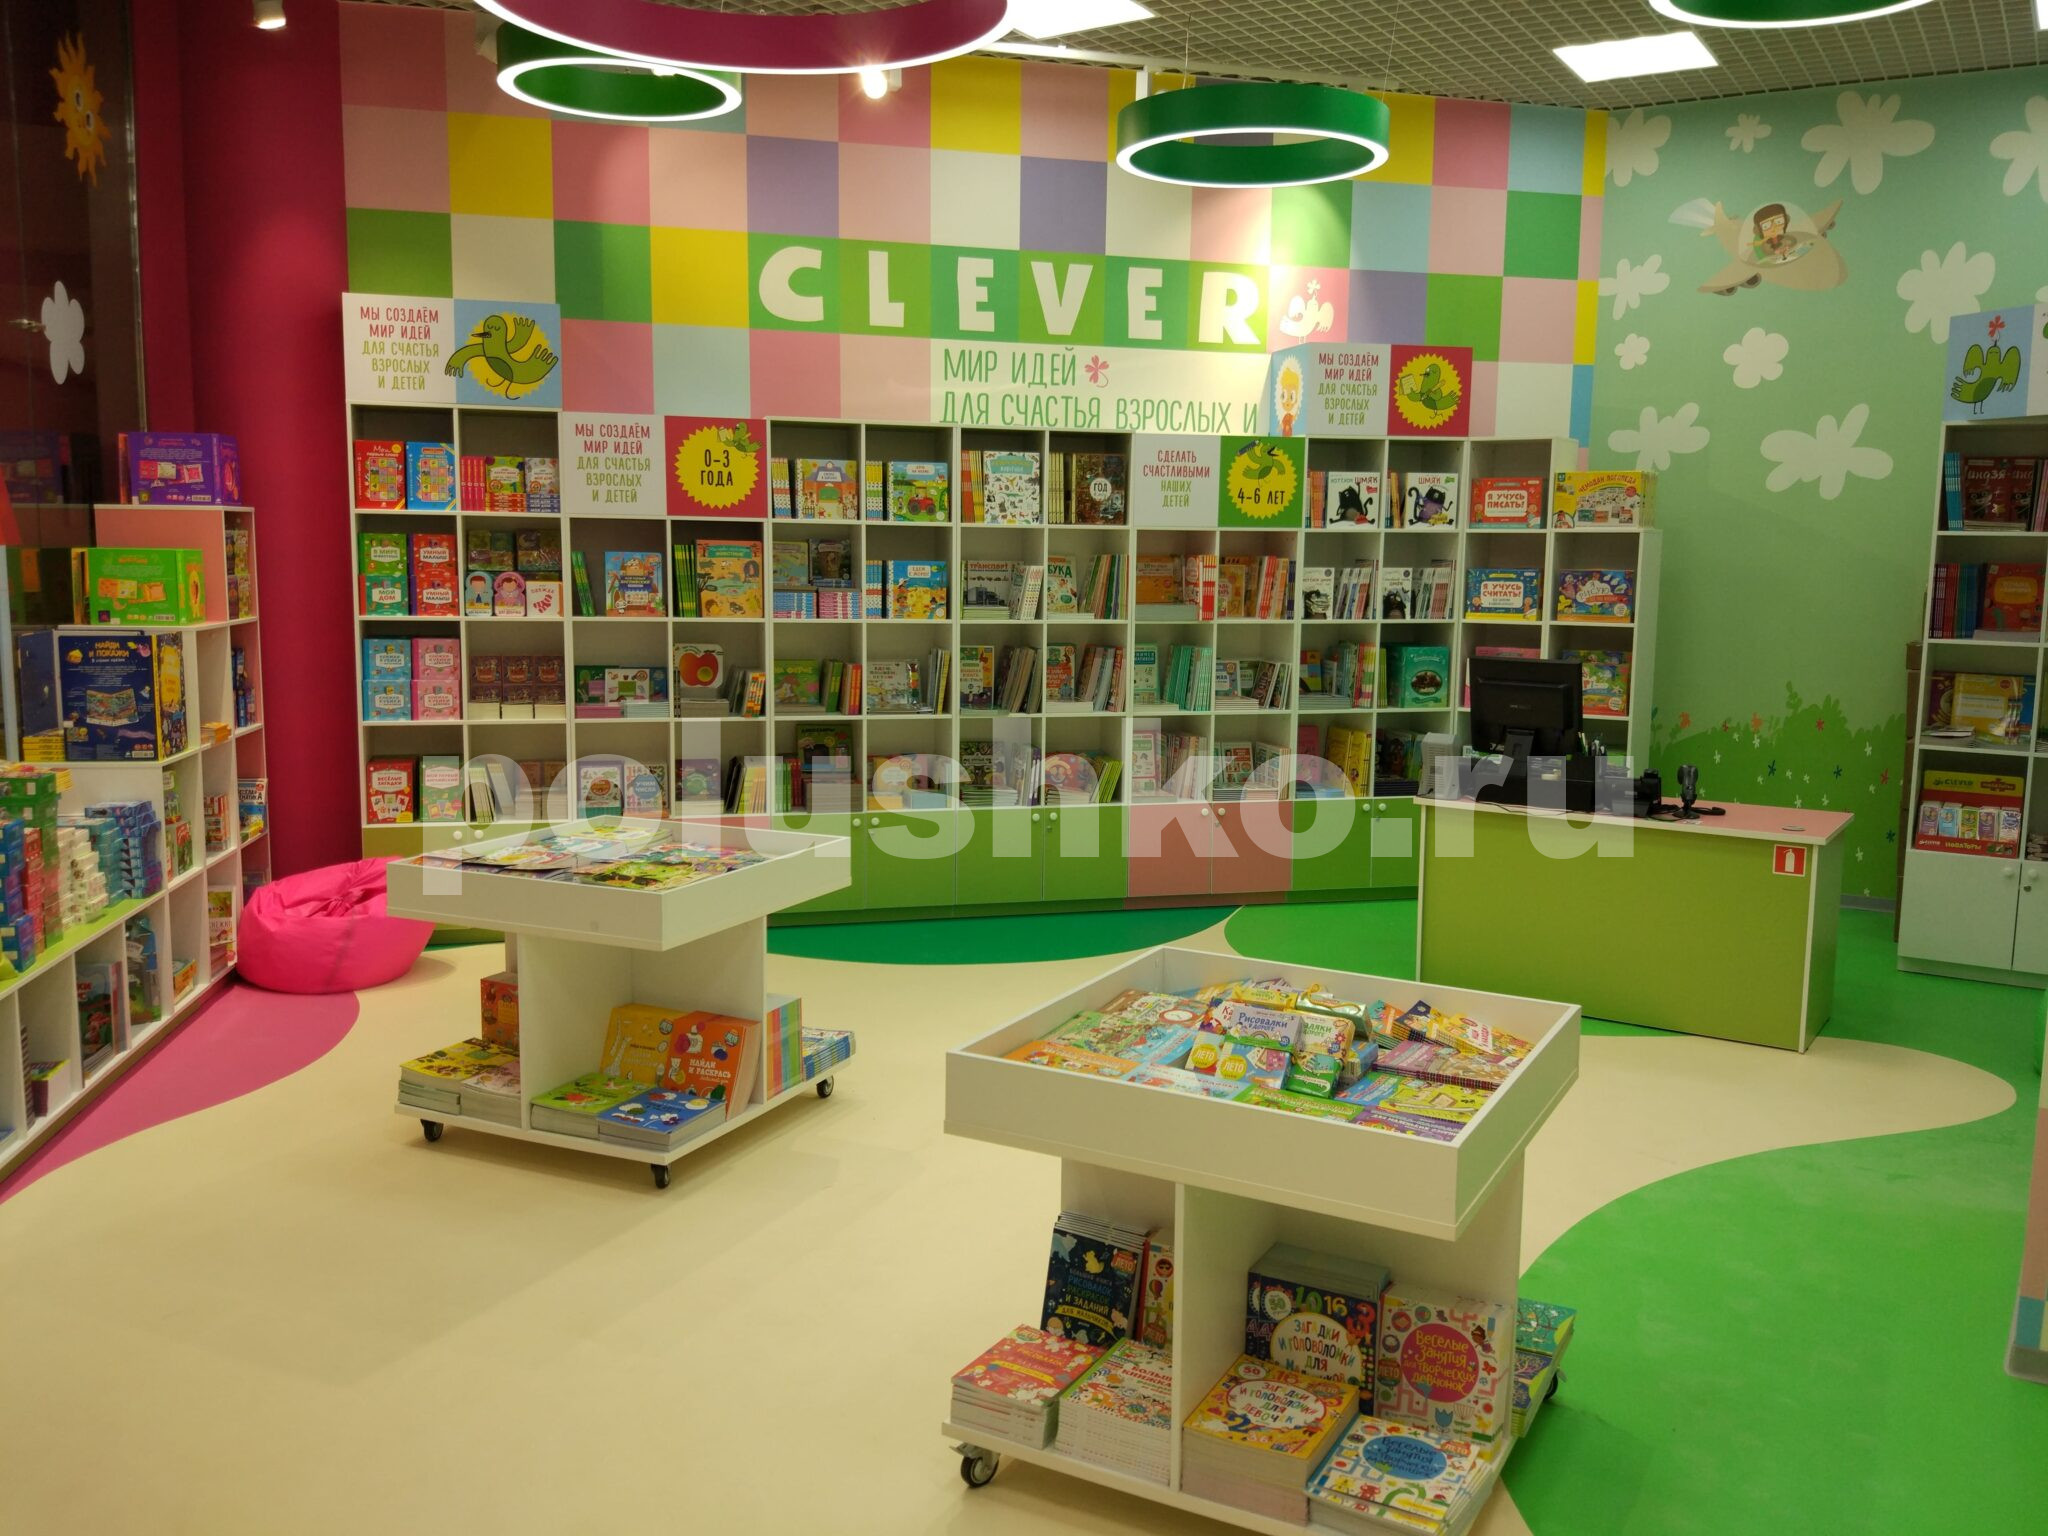 Декоративный наливной пол в книжном магазине